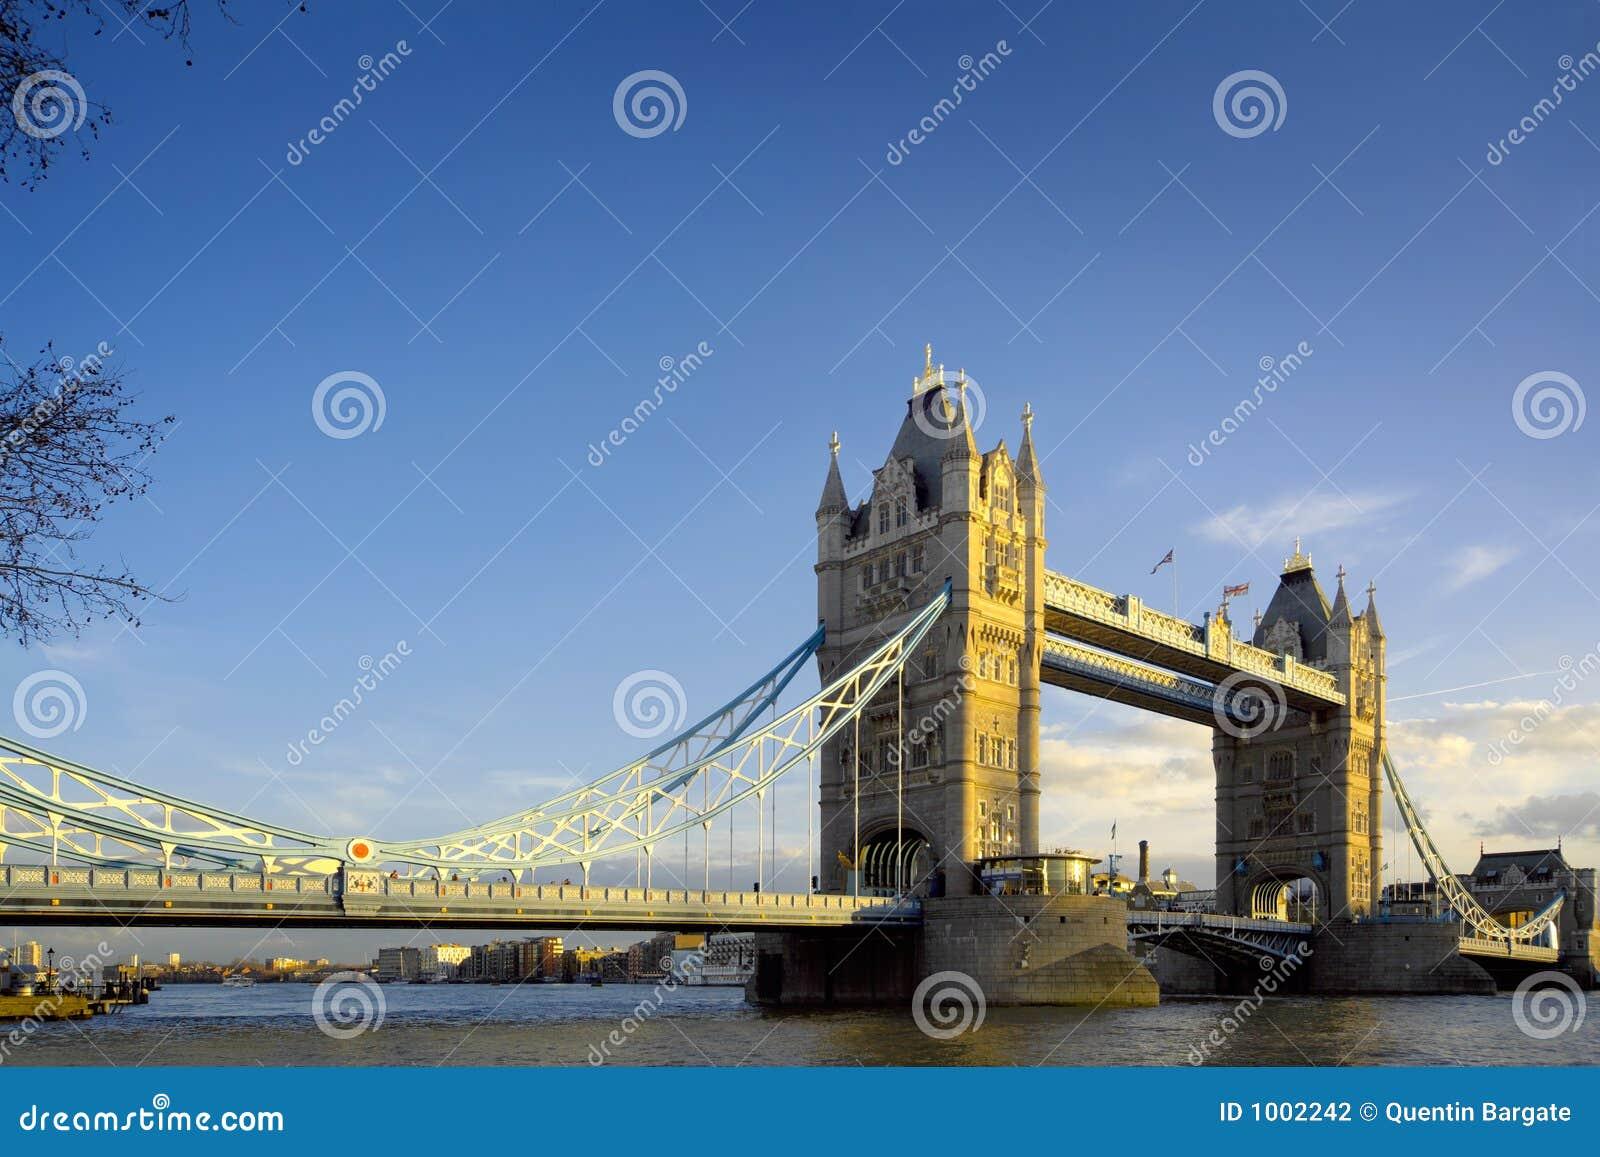 μπλε γέφυρα που εξισώνει τον ελαφρύ πύργο ουρανού του Λονδίνου